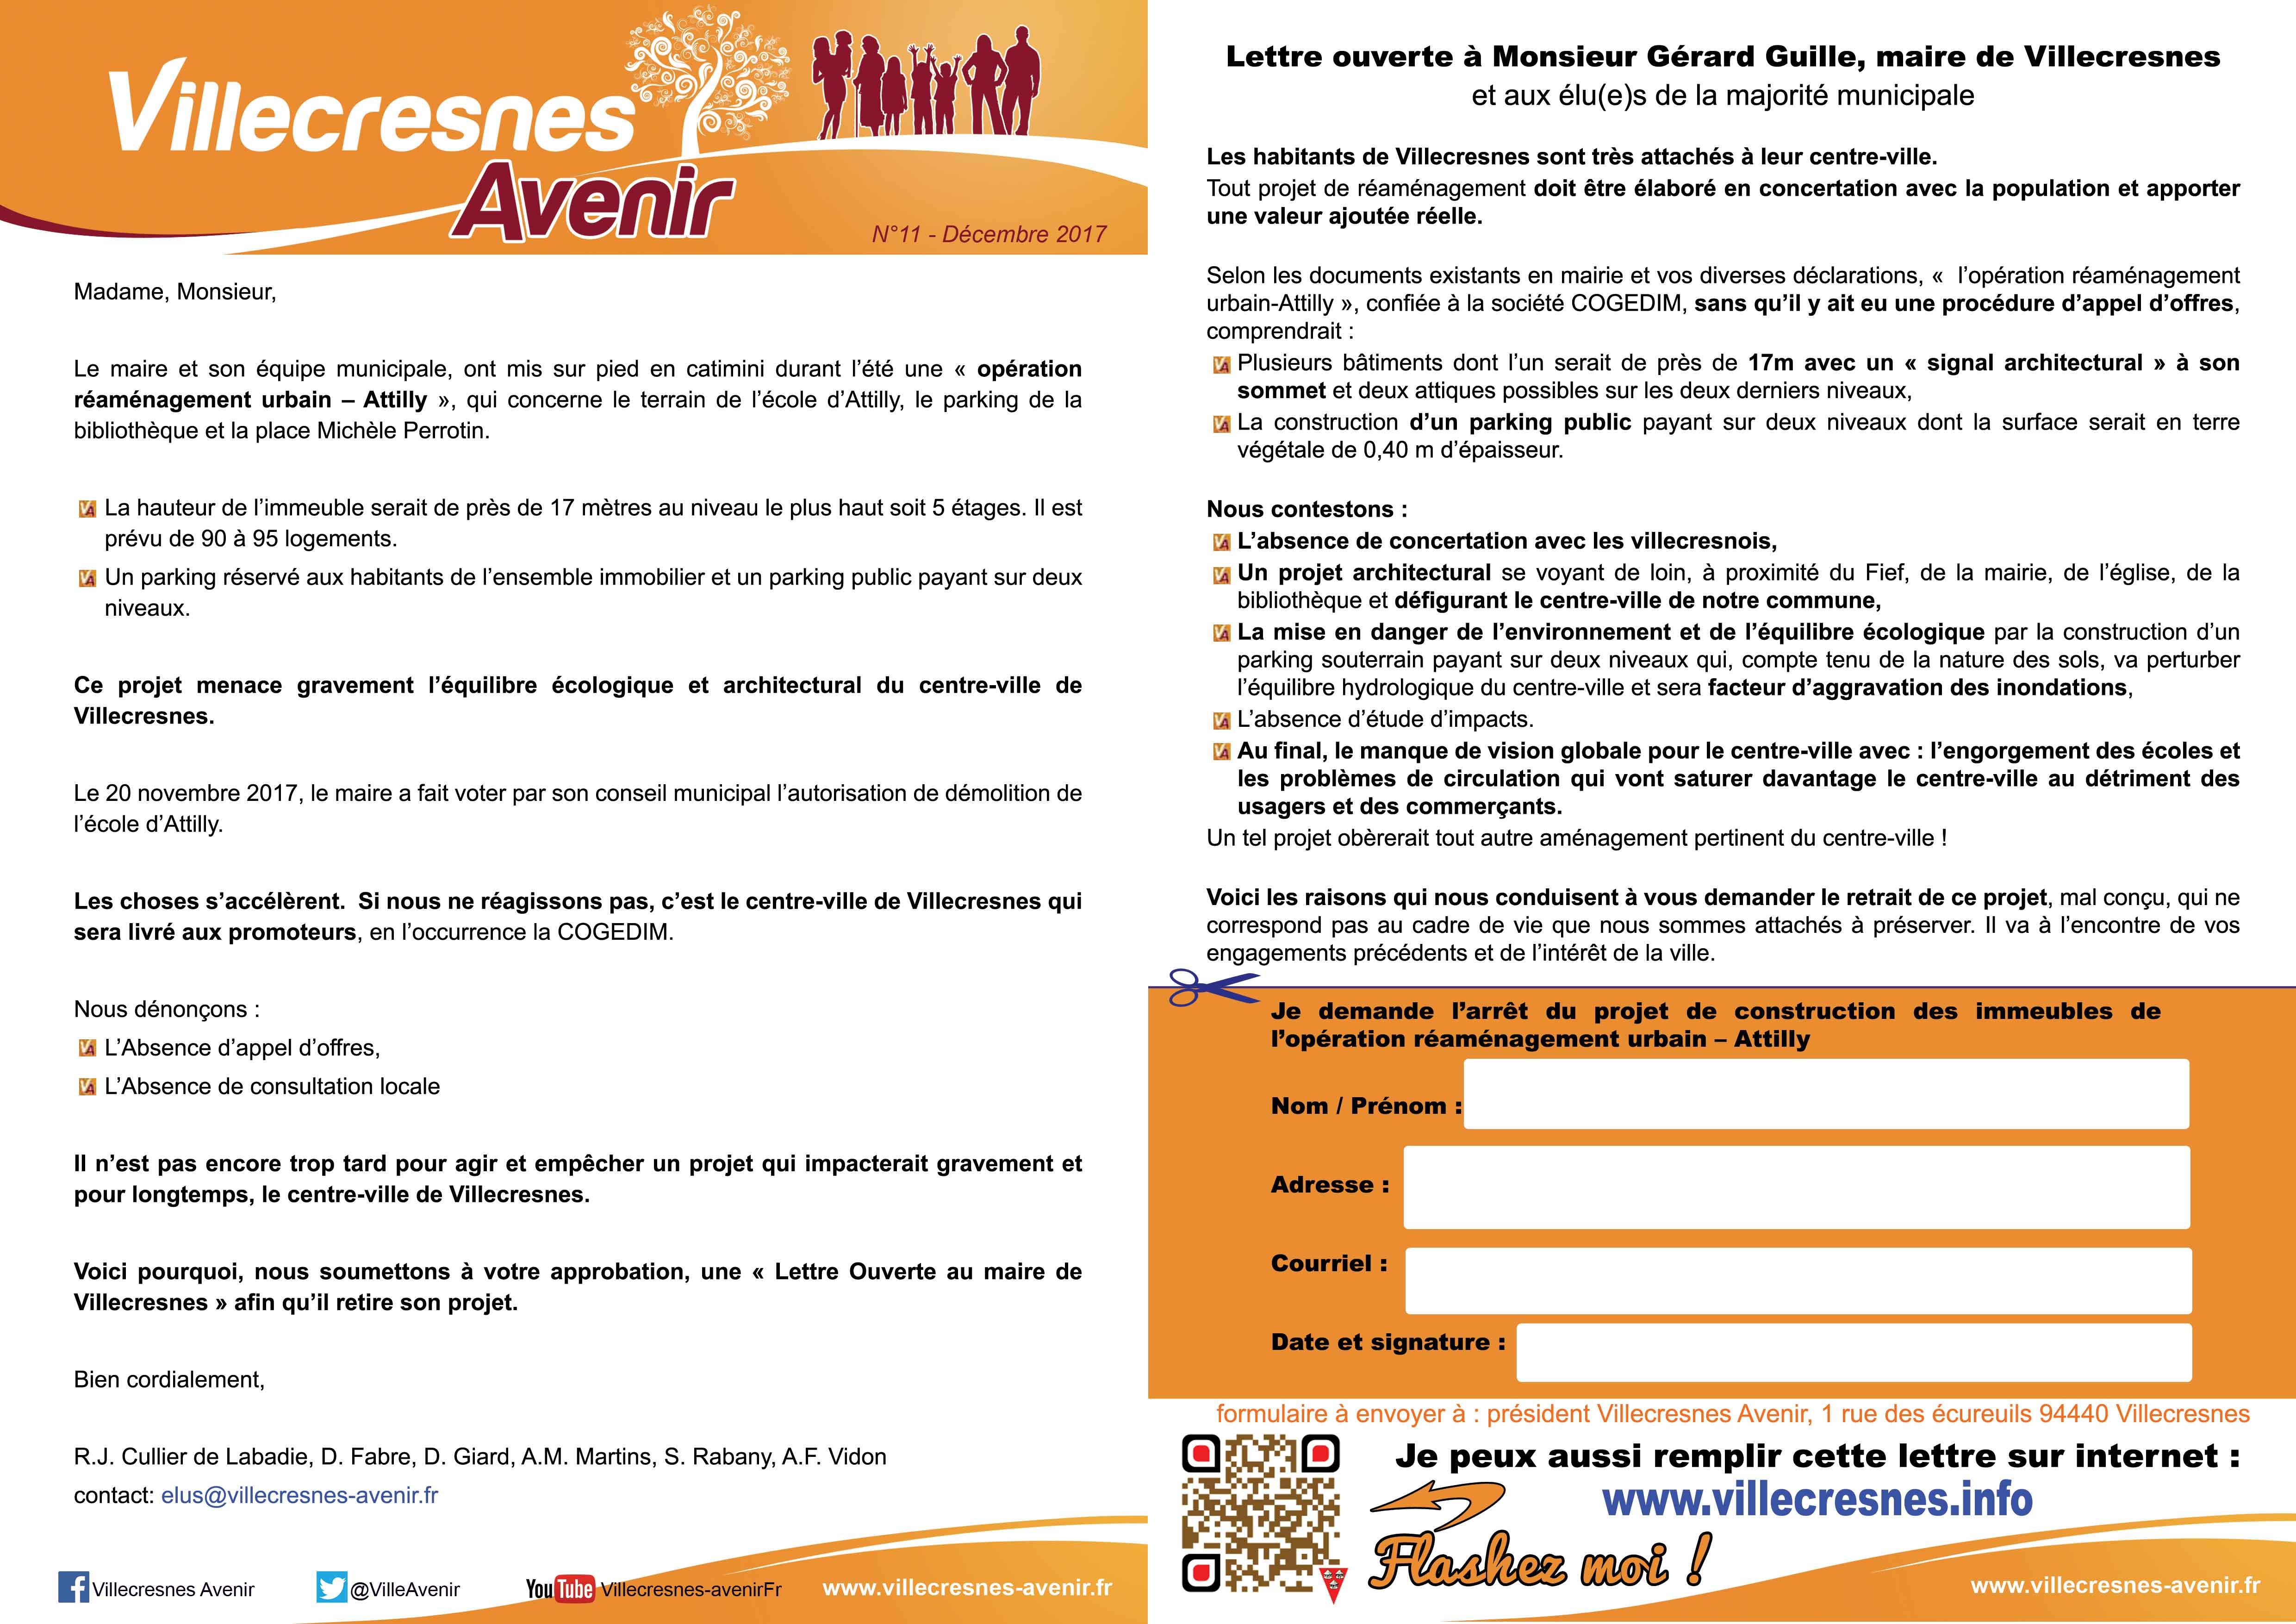 """Document qui présente la pétition / lettre ouverte sur www.villecresnes-avenir.fr rubrique """"Nos publications"""""""